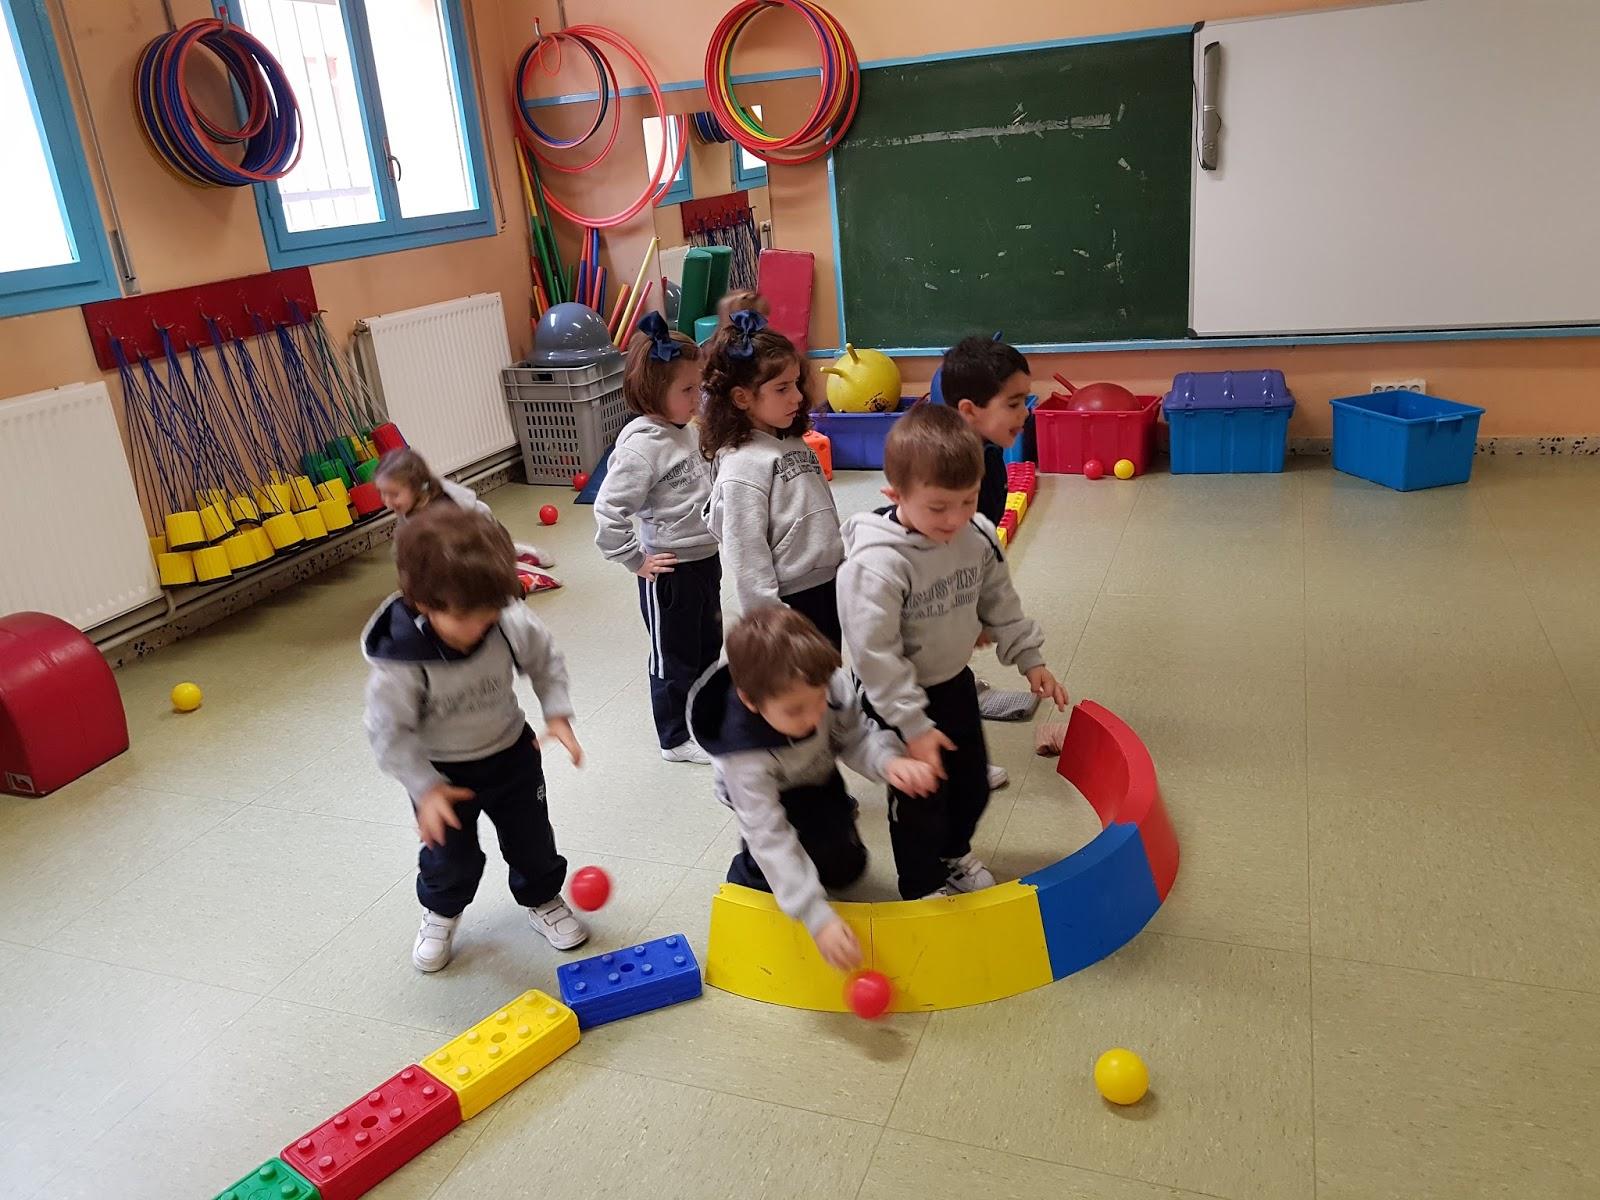 Agustinas Valladolid - 2017 - Infantil - Psicomotricidad Edad Media 2